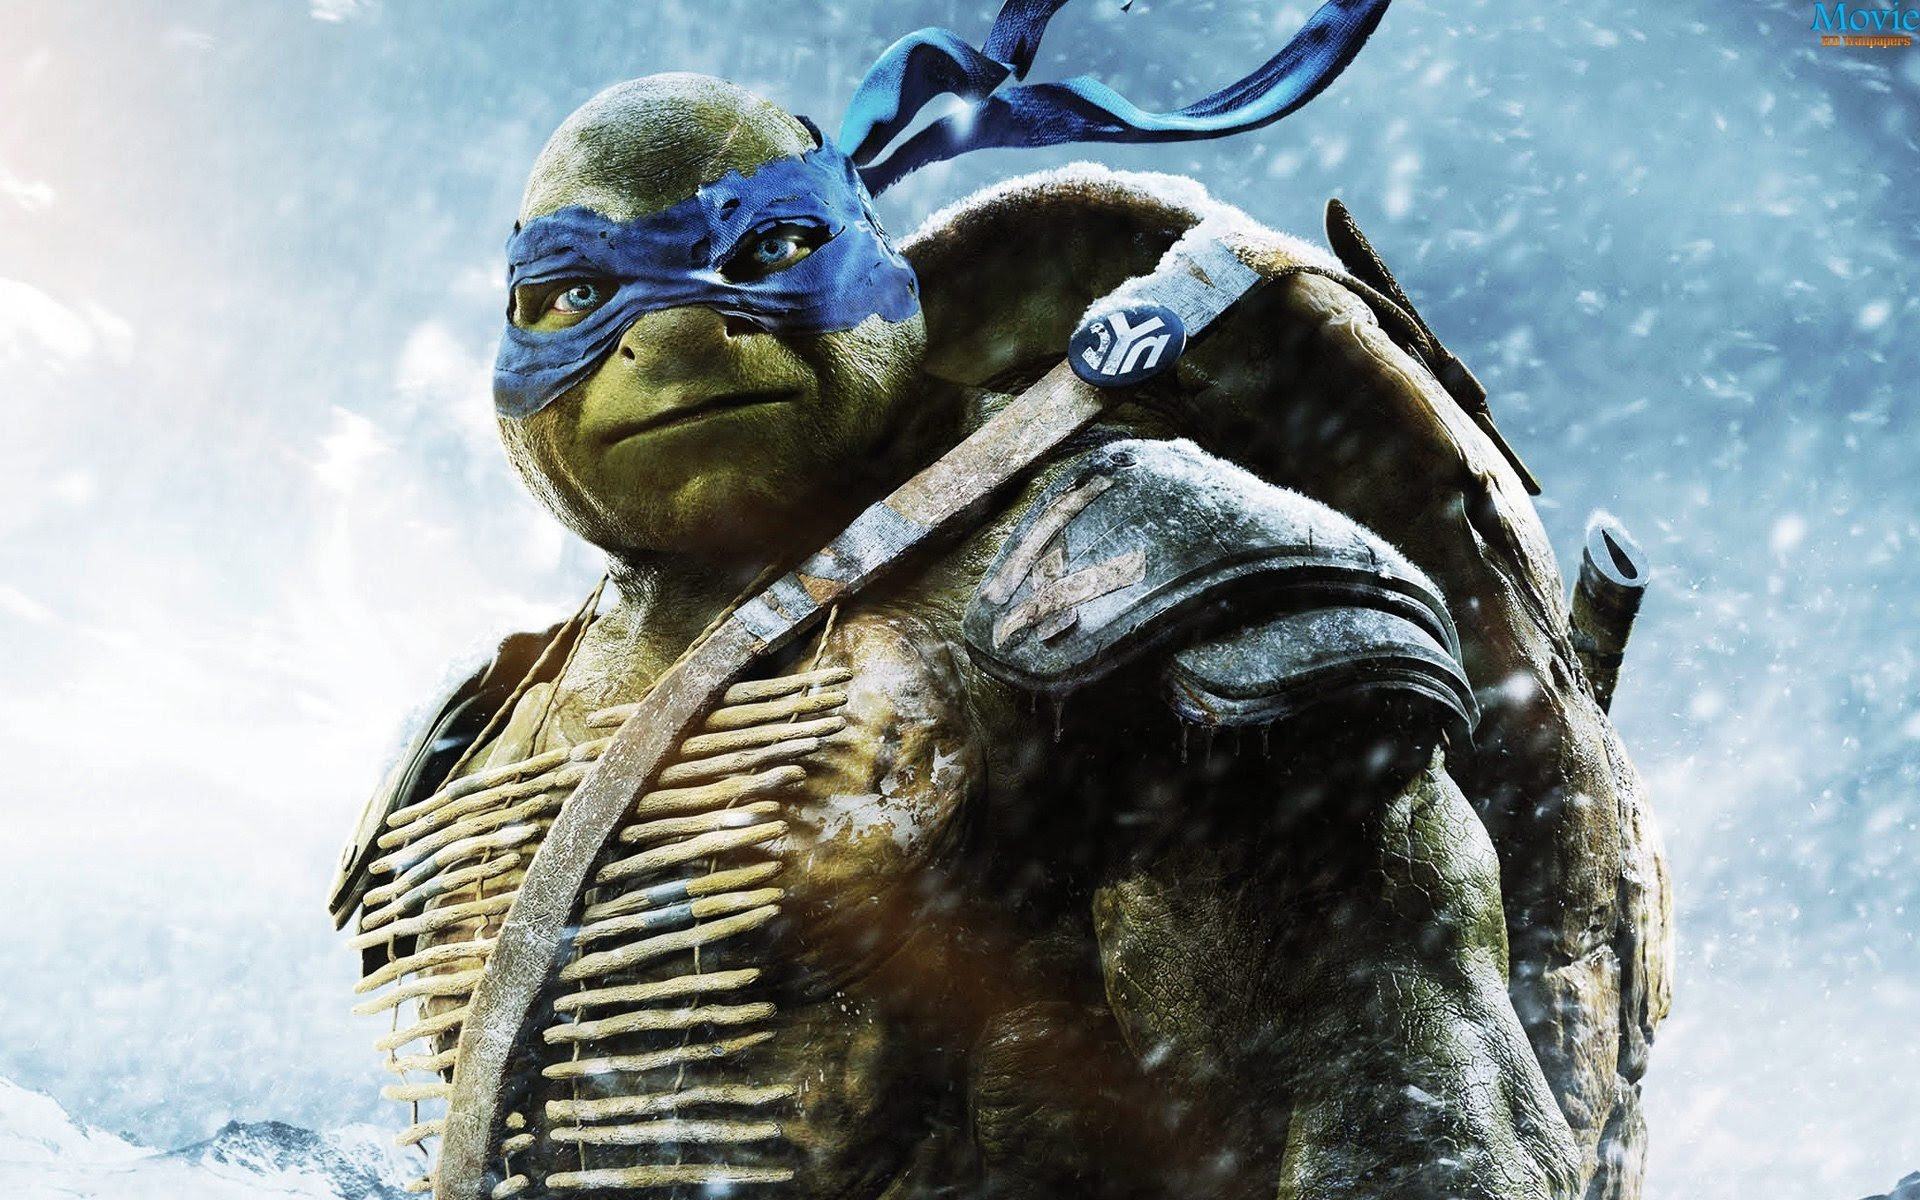 Teenage Mutant Ninja Turtles 2014 Film Page 9241 Movie Hd